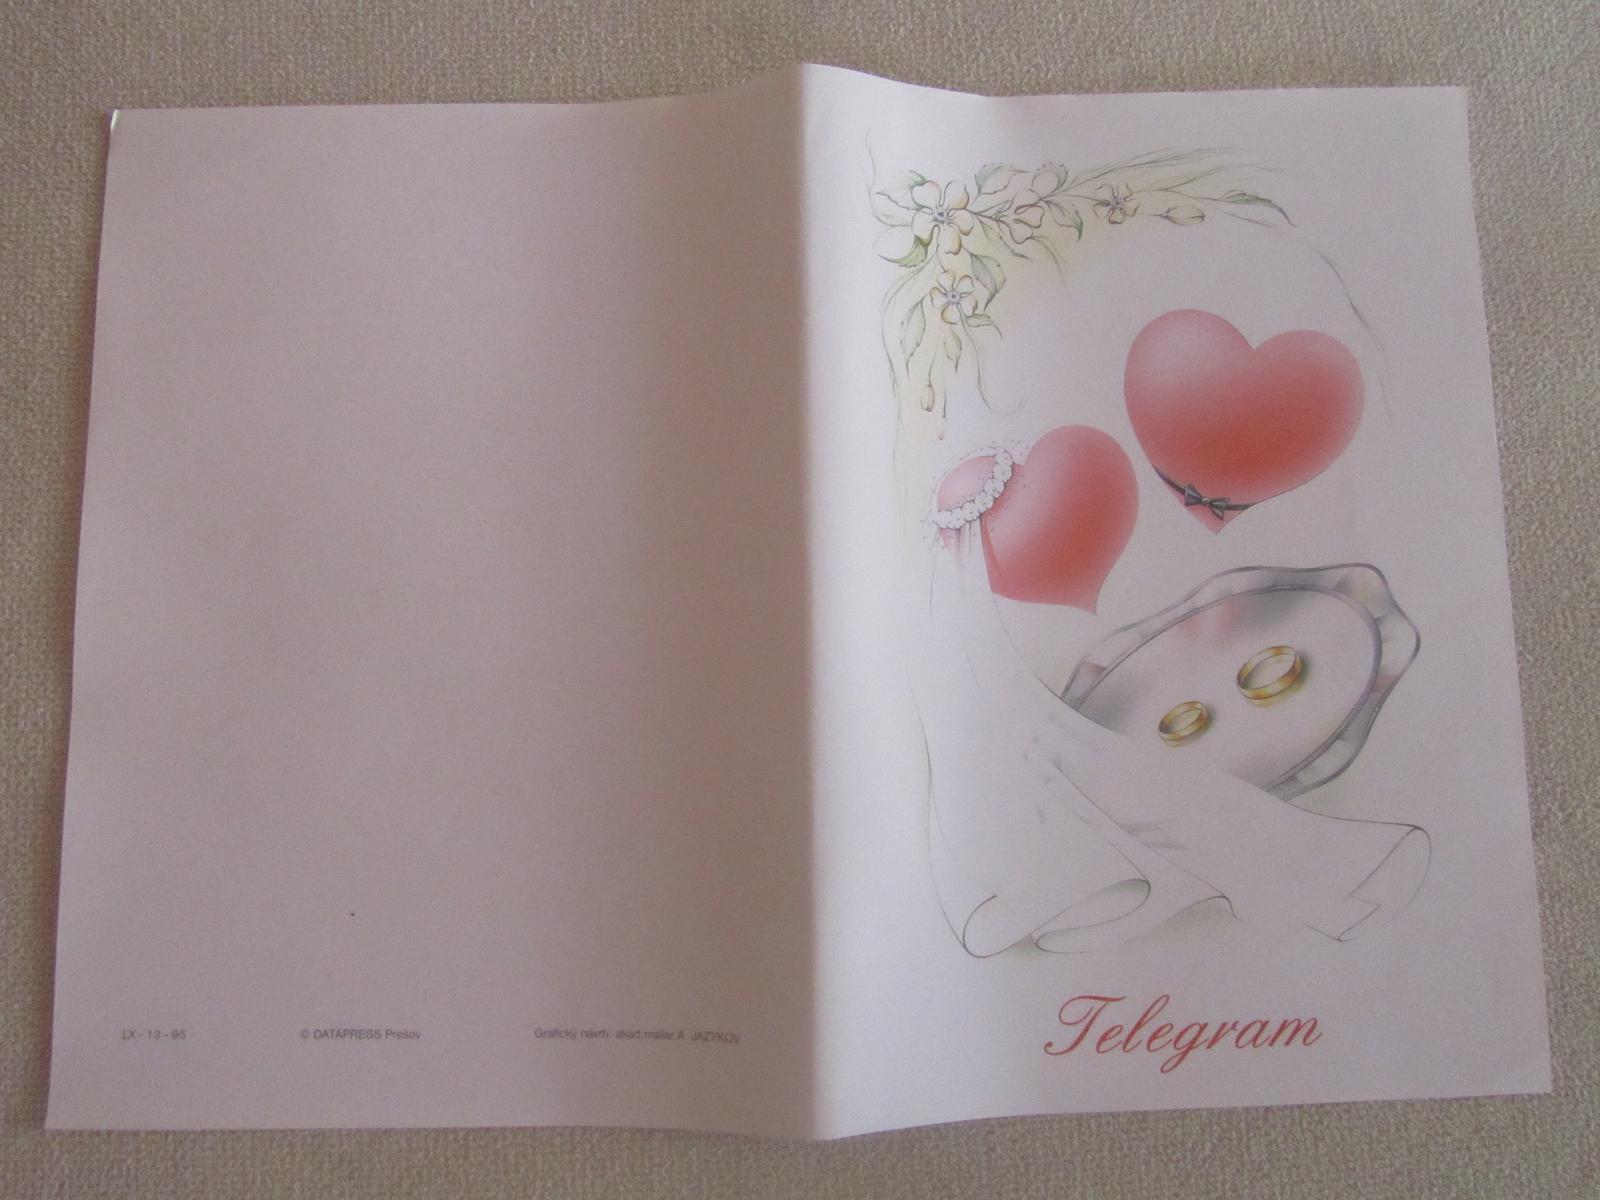 Gratulacne telegramy Svadba - Obrázok č. 1